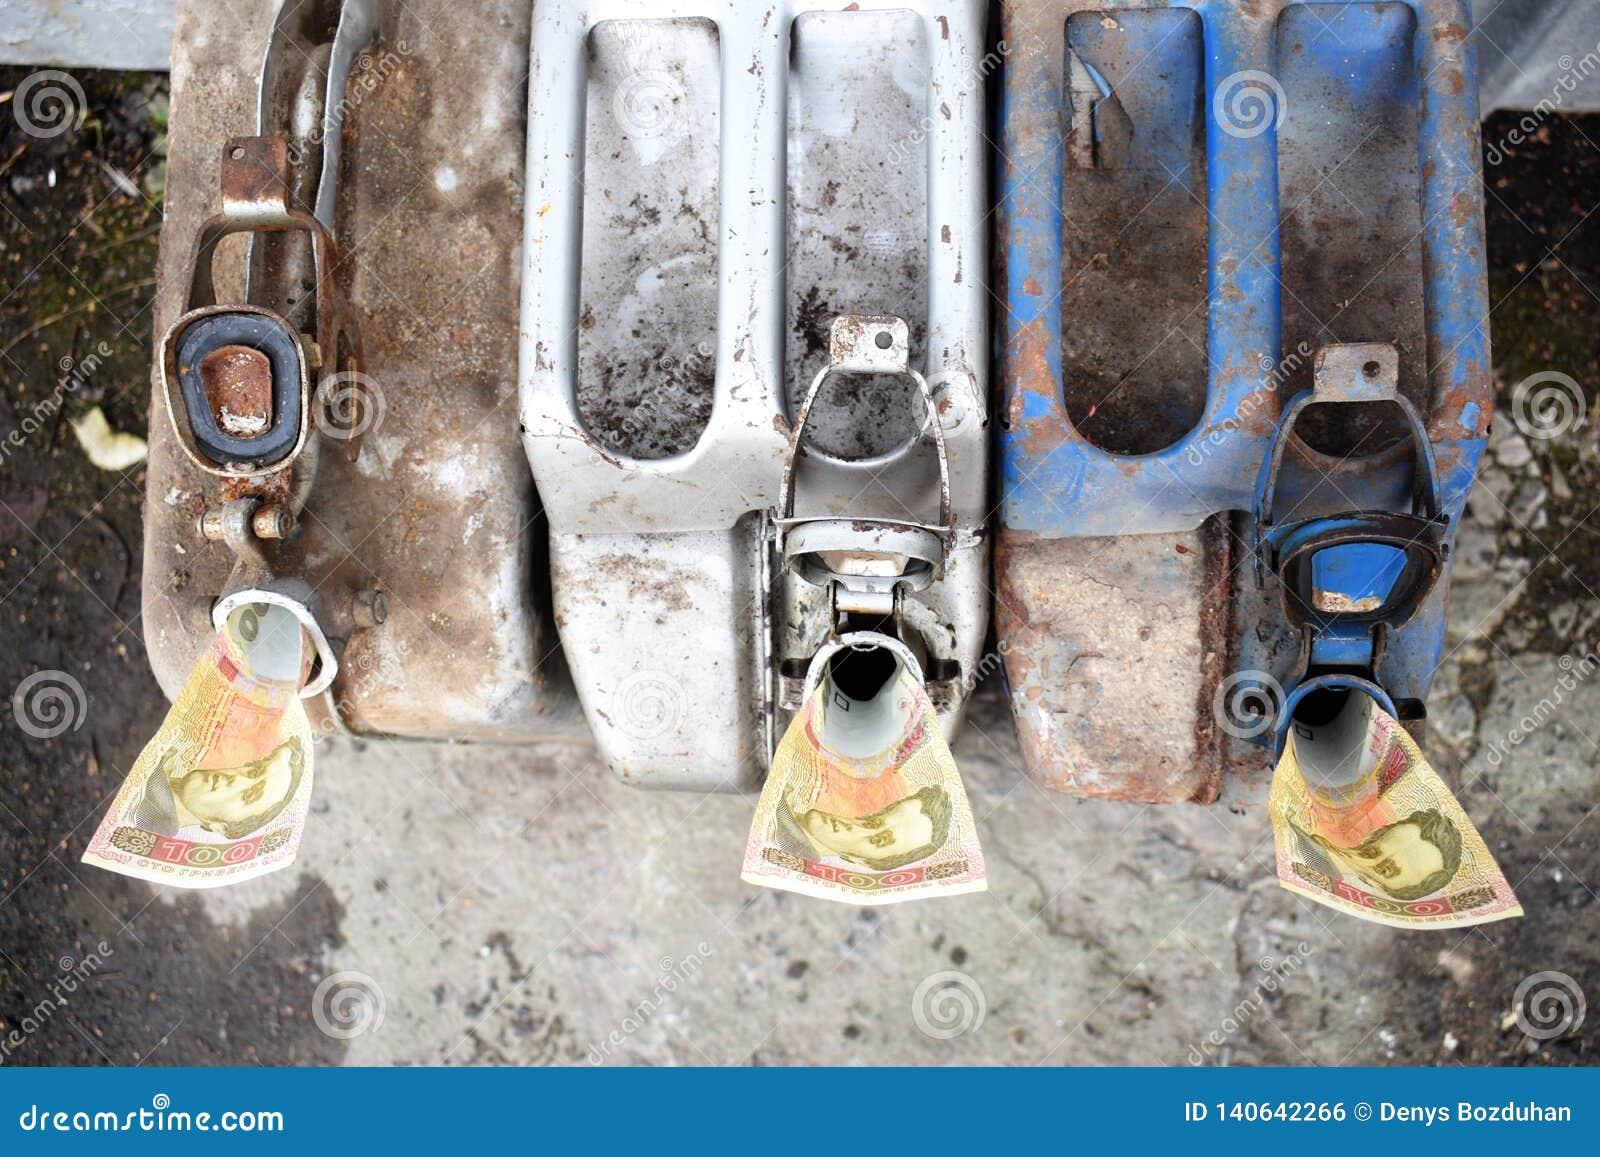 Τρία βαρέλια μετάλλων και ουκρανικά χρήματα, η έννοια του κόστους της βενζίνης, diesel, αέριο Ανεφοδιάζοντας σε καύσιμα μηχανές Τ